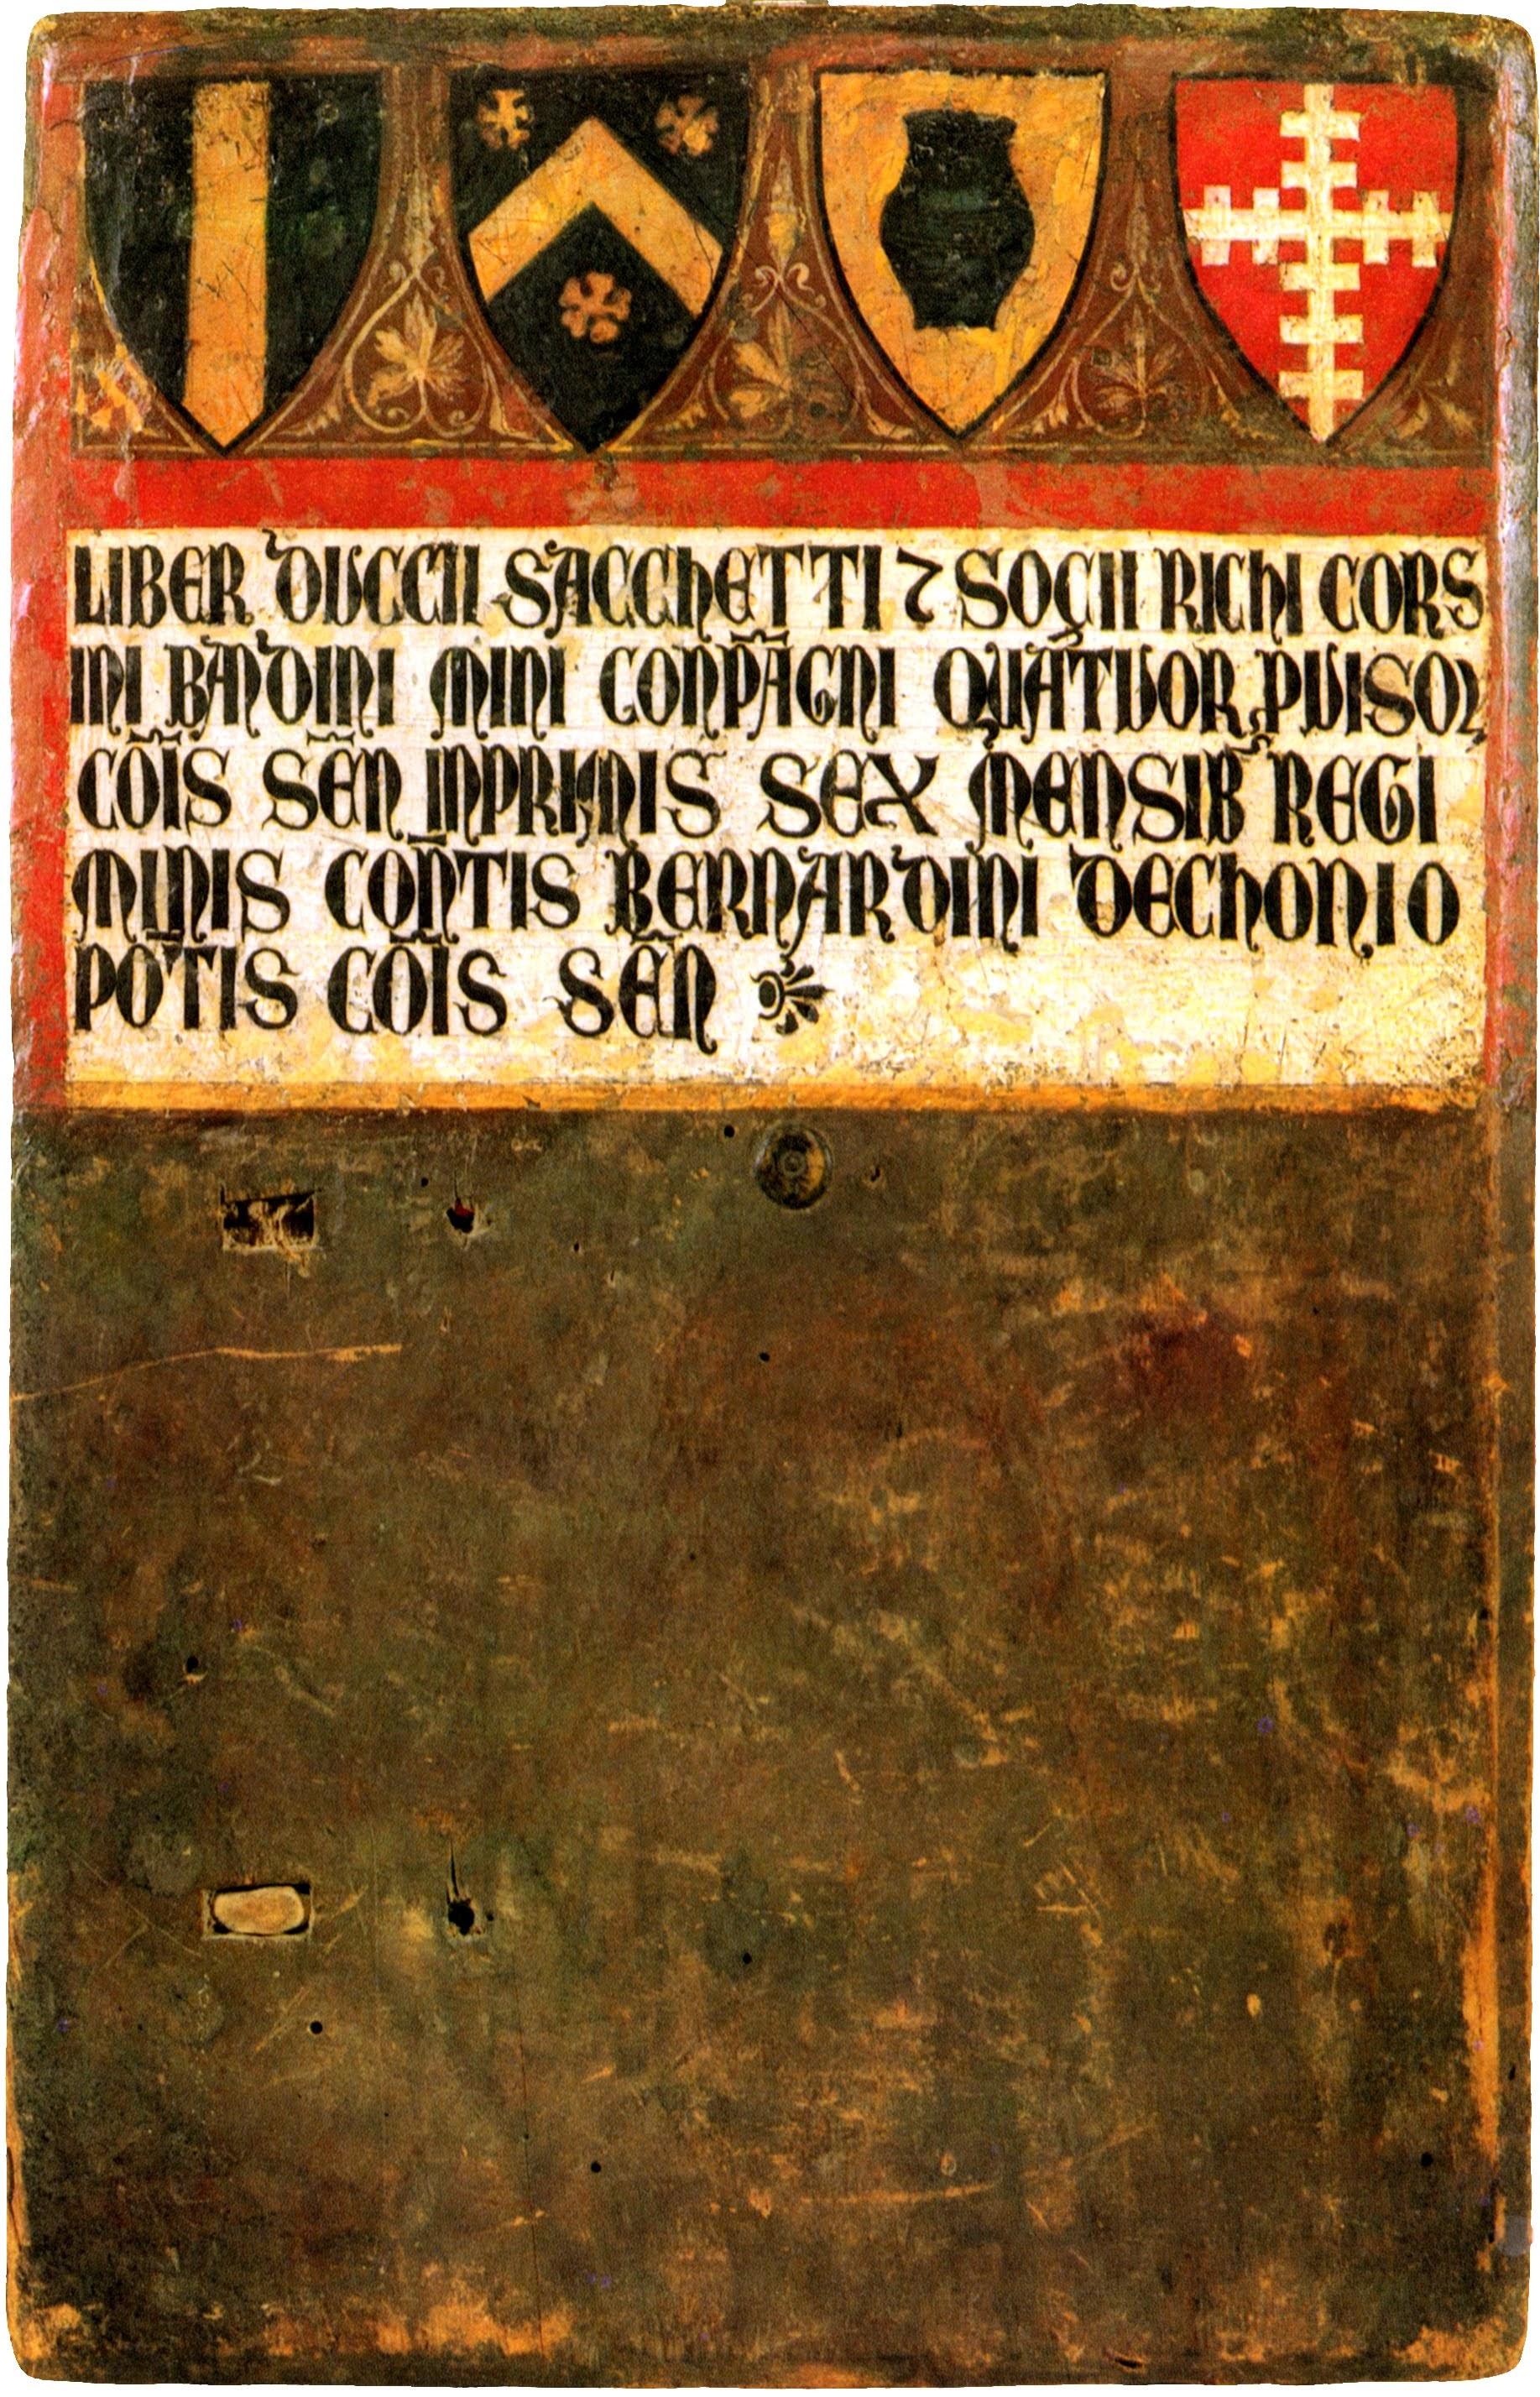 Duccio di Buoninsegna (?), Tavoletta della Biccherna, Stemmi dei quattro Provveditori (1294), Berlino, Kunstgewerbemuseum